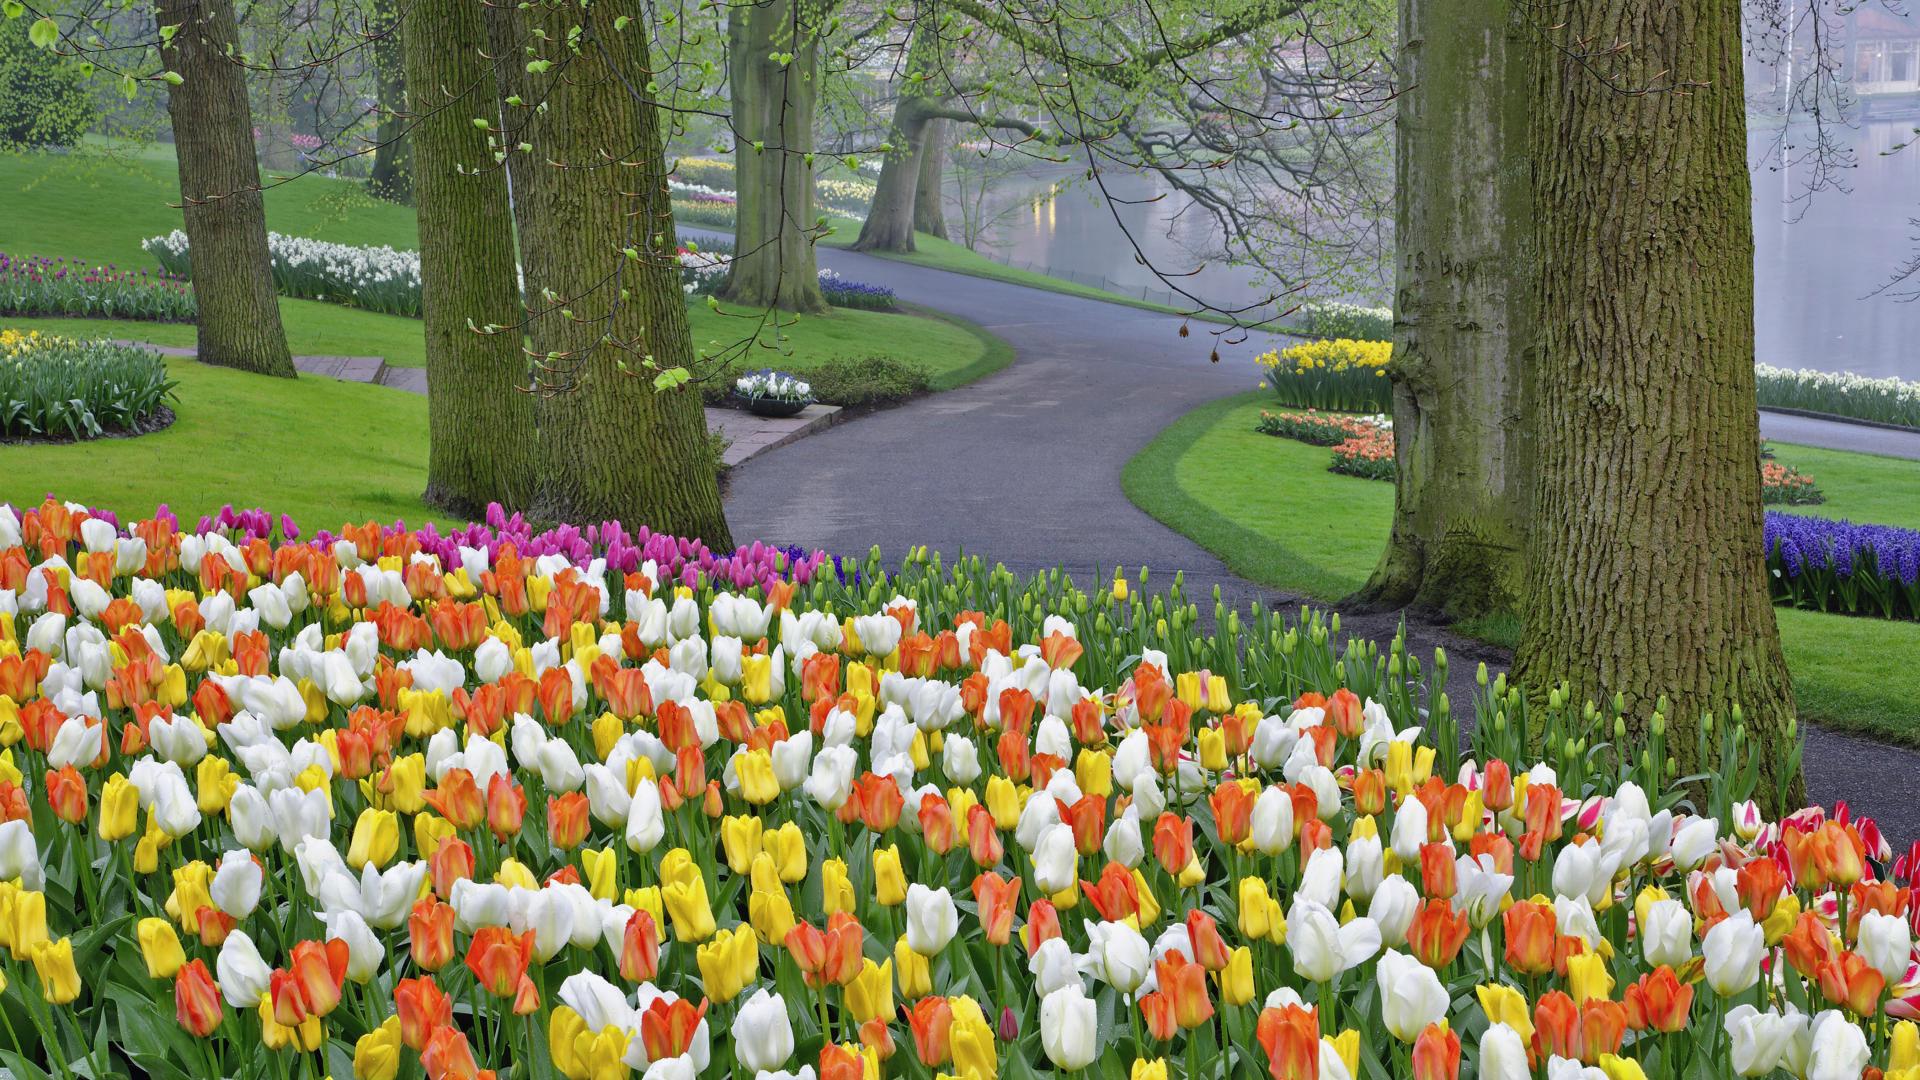 18253 скачать обои Растения, Пейзаж, Цветы, Тюльпаны - заставки и картинки бесплатно